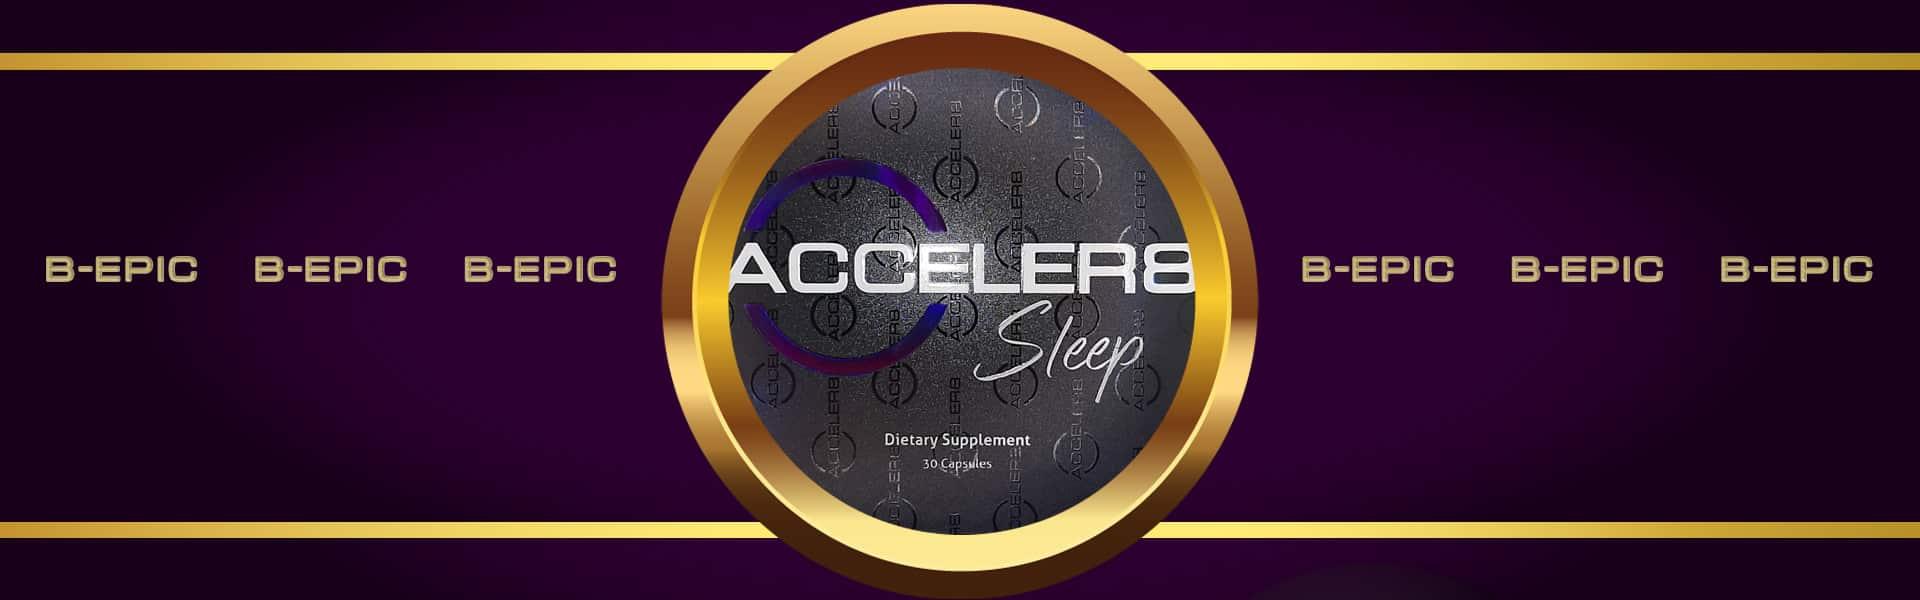 Bepic Acceler8